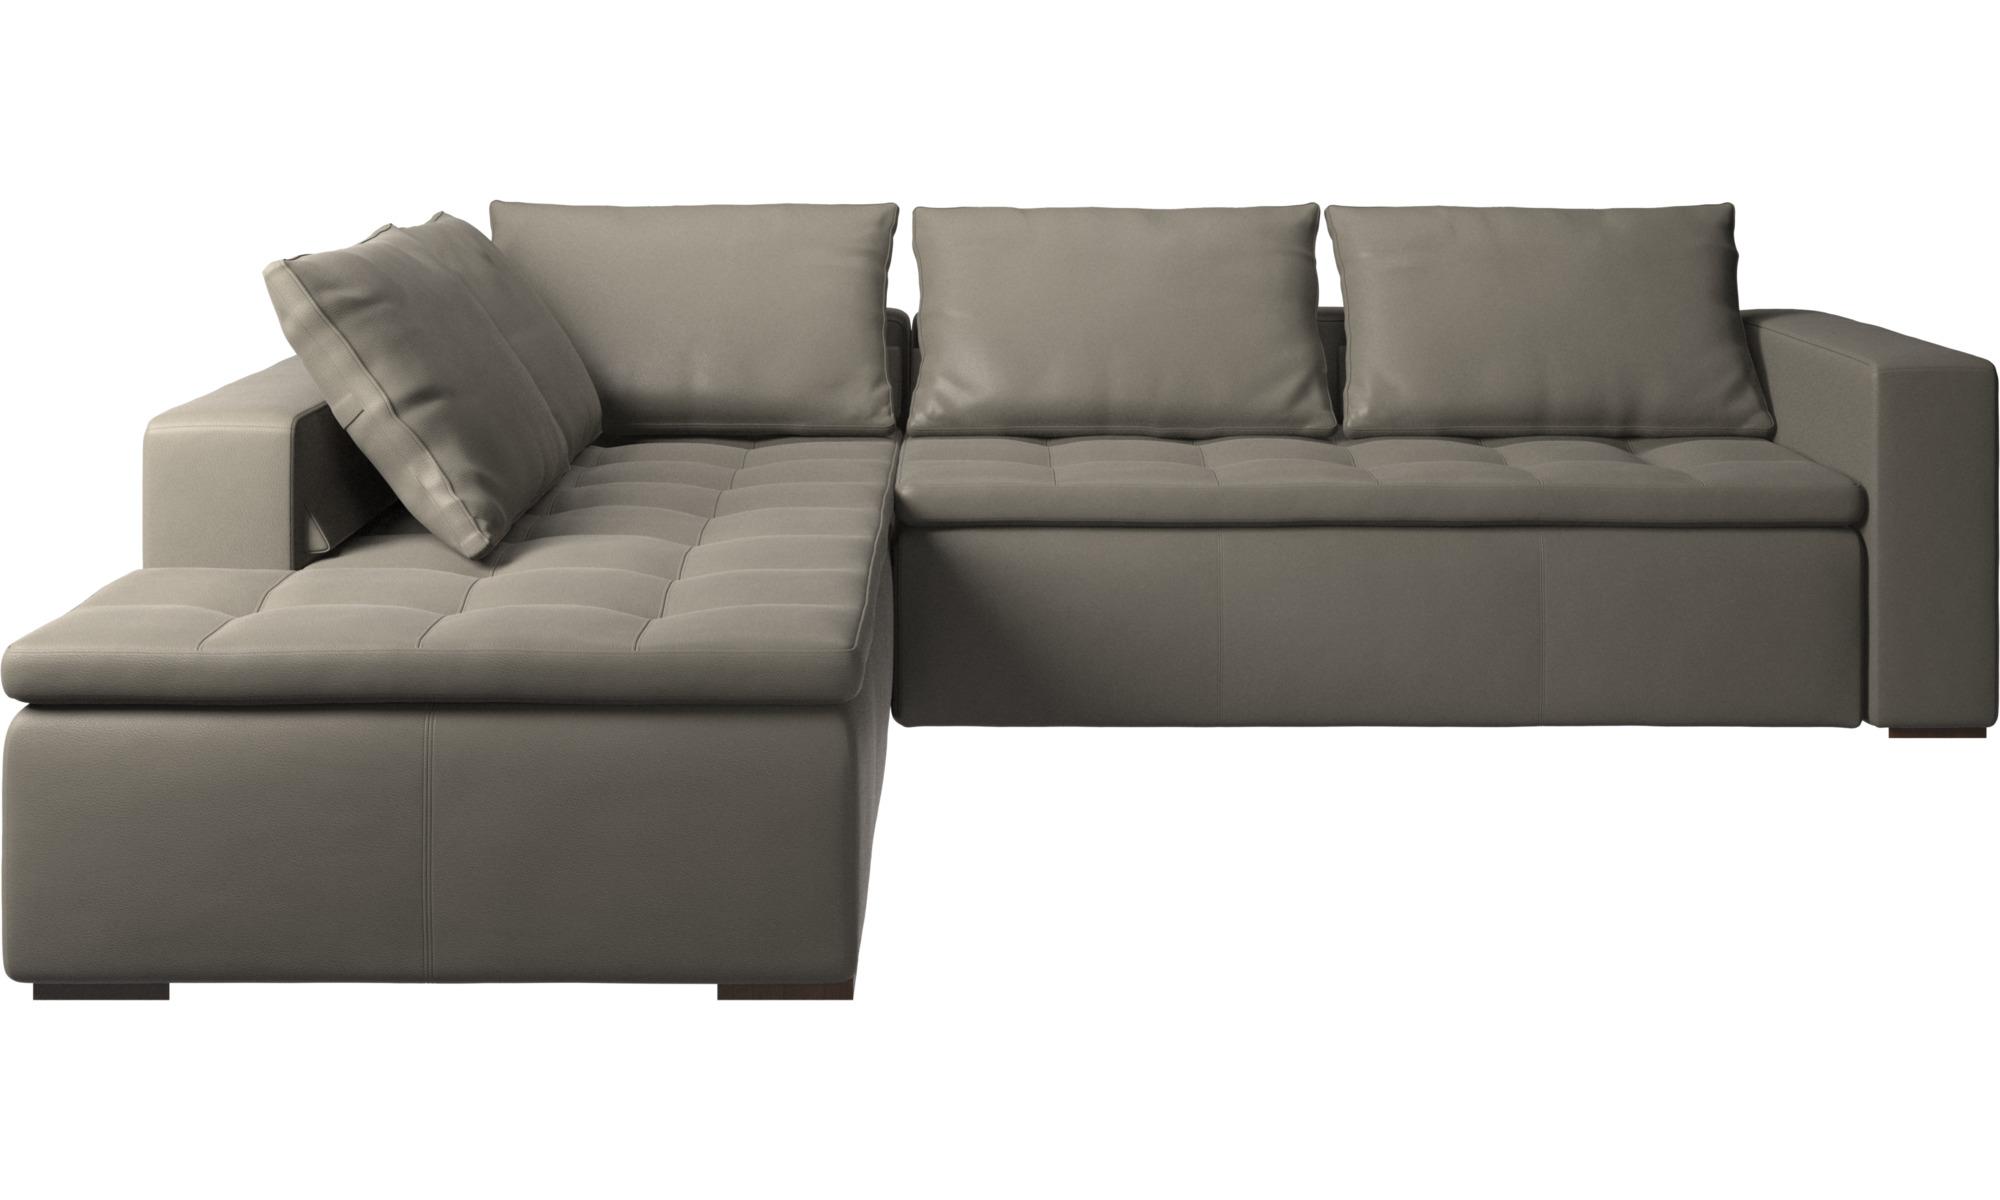 Hjørnesofaer - Mezzo hjørnesofa med loungemodul - Grå - Læder